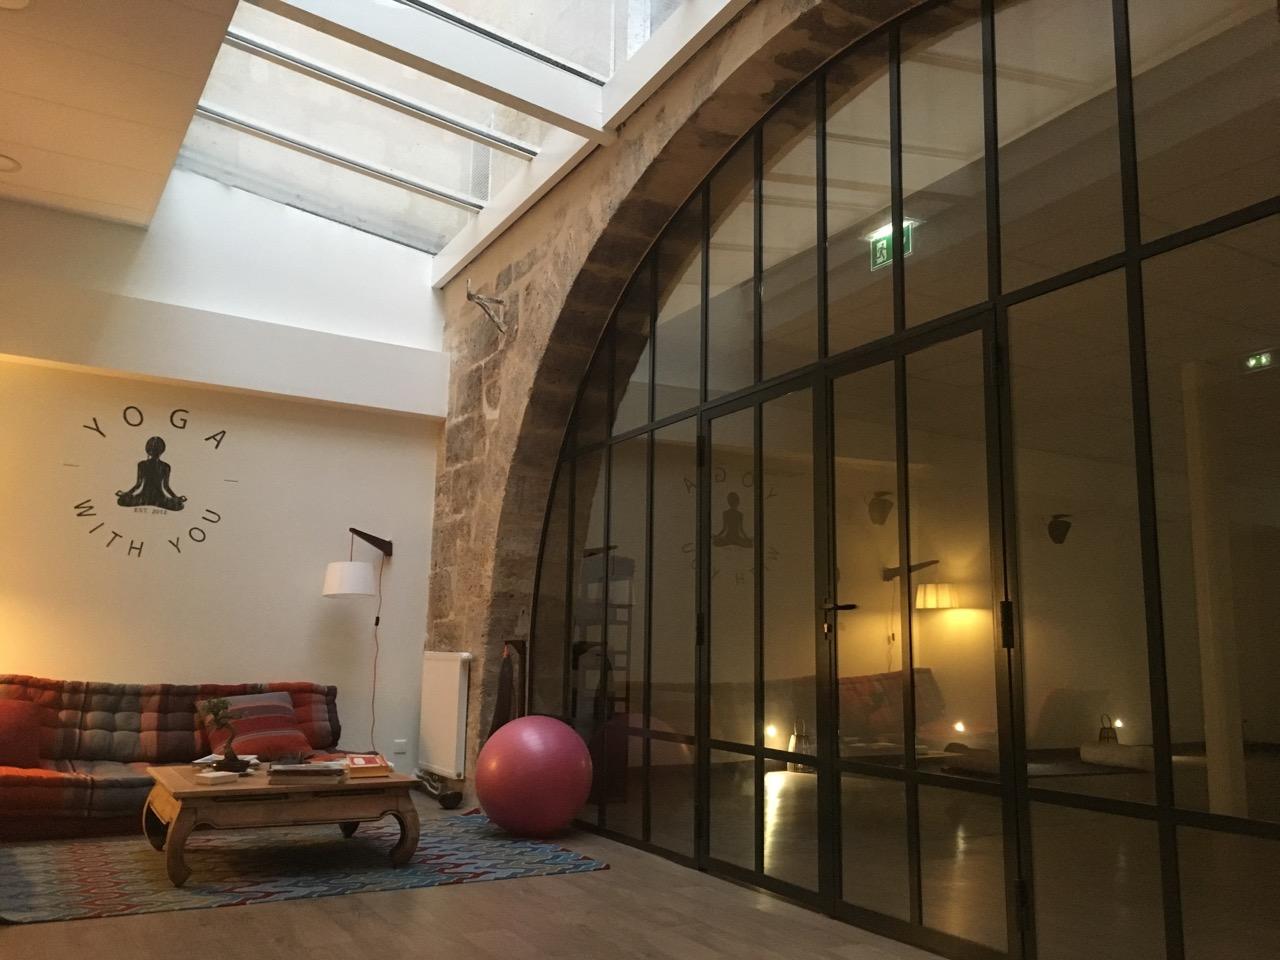 On a testé pour vous : Yoga with You à Bordeaux